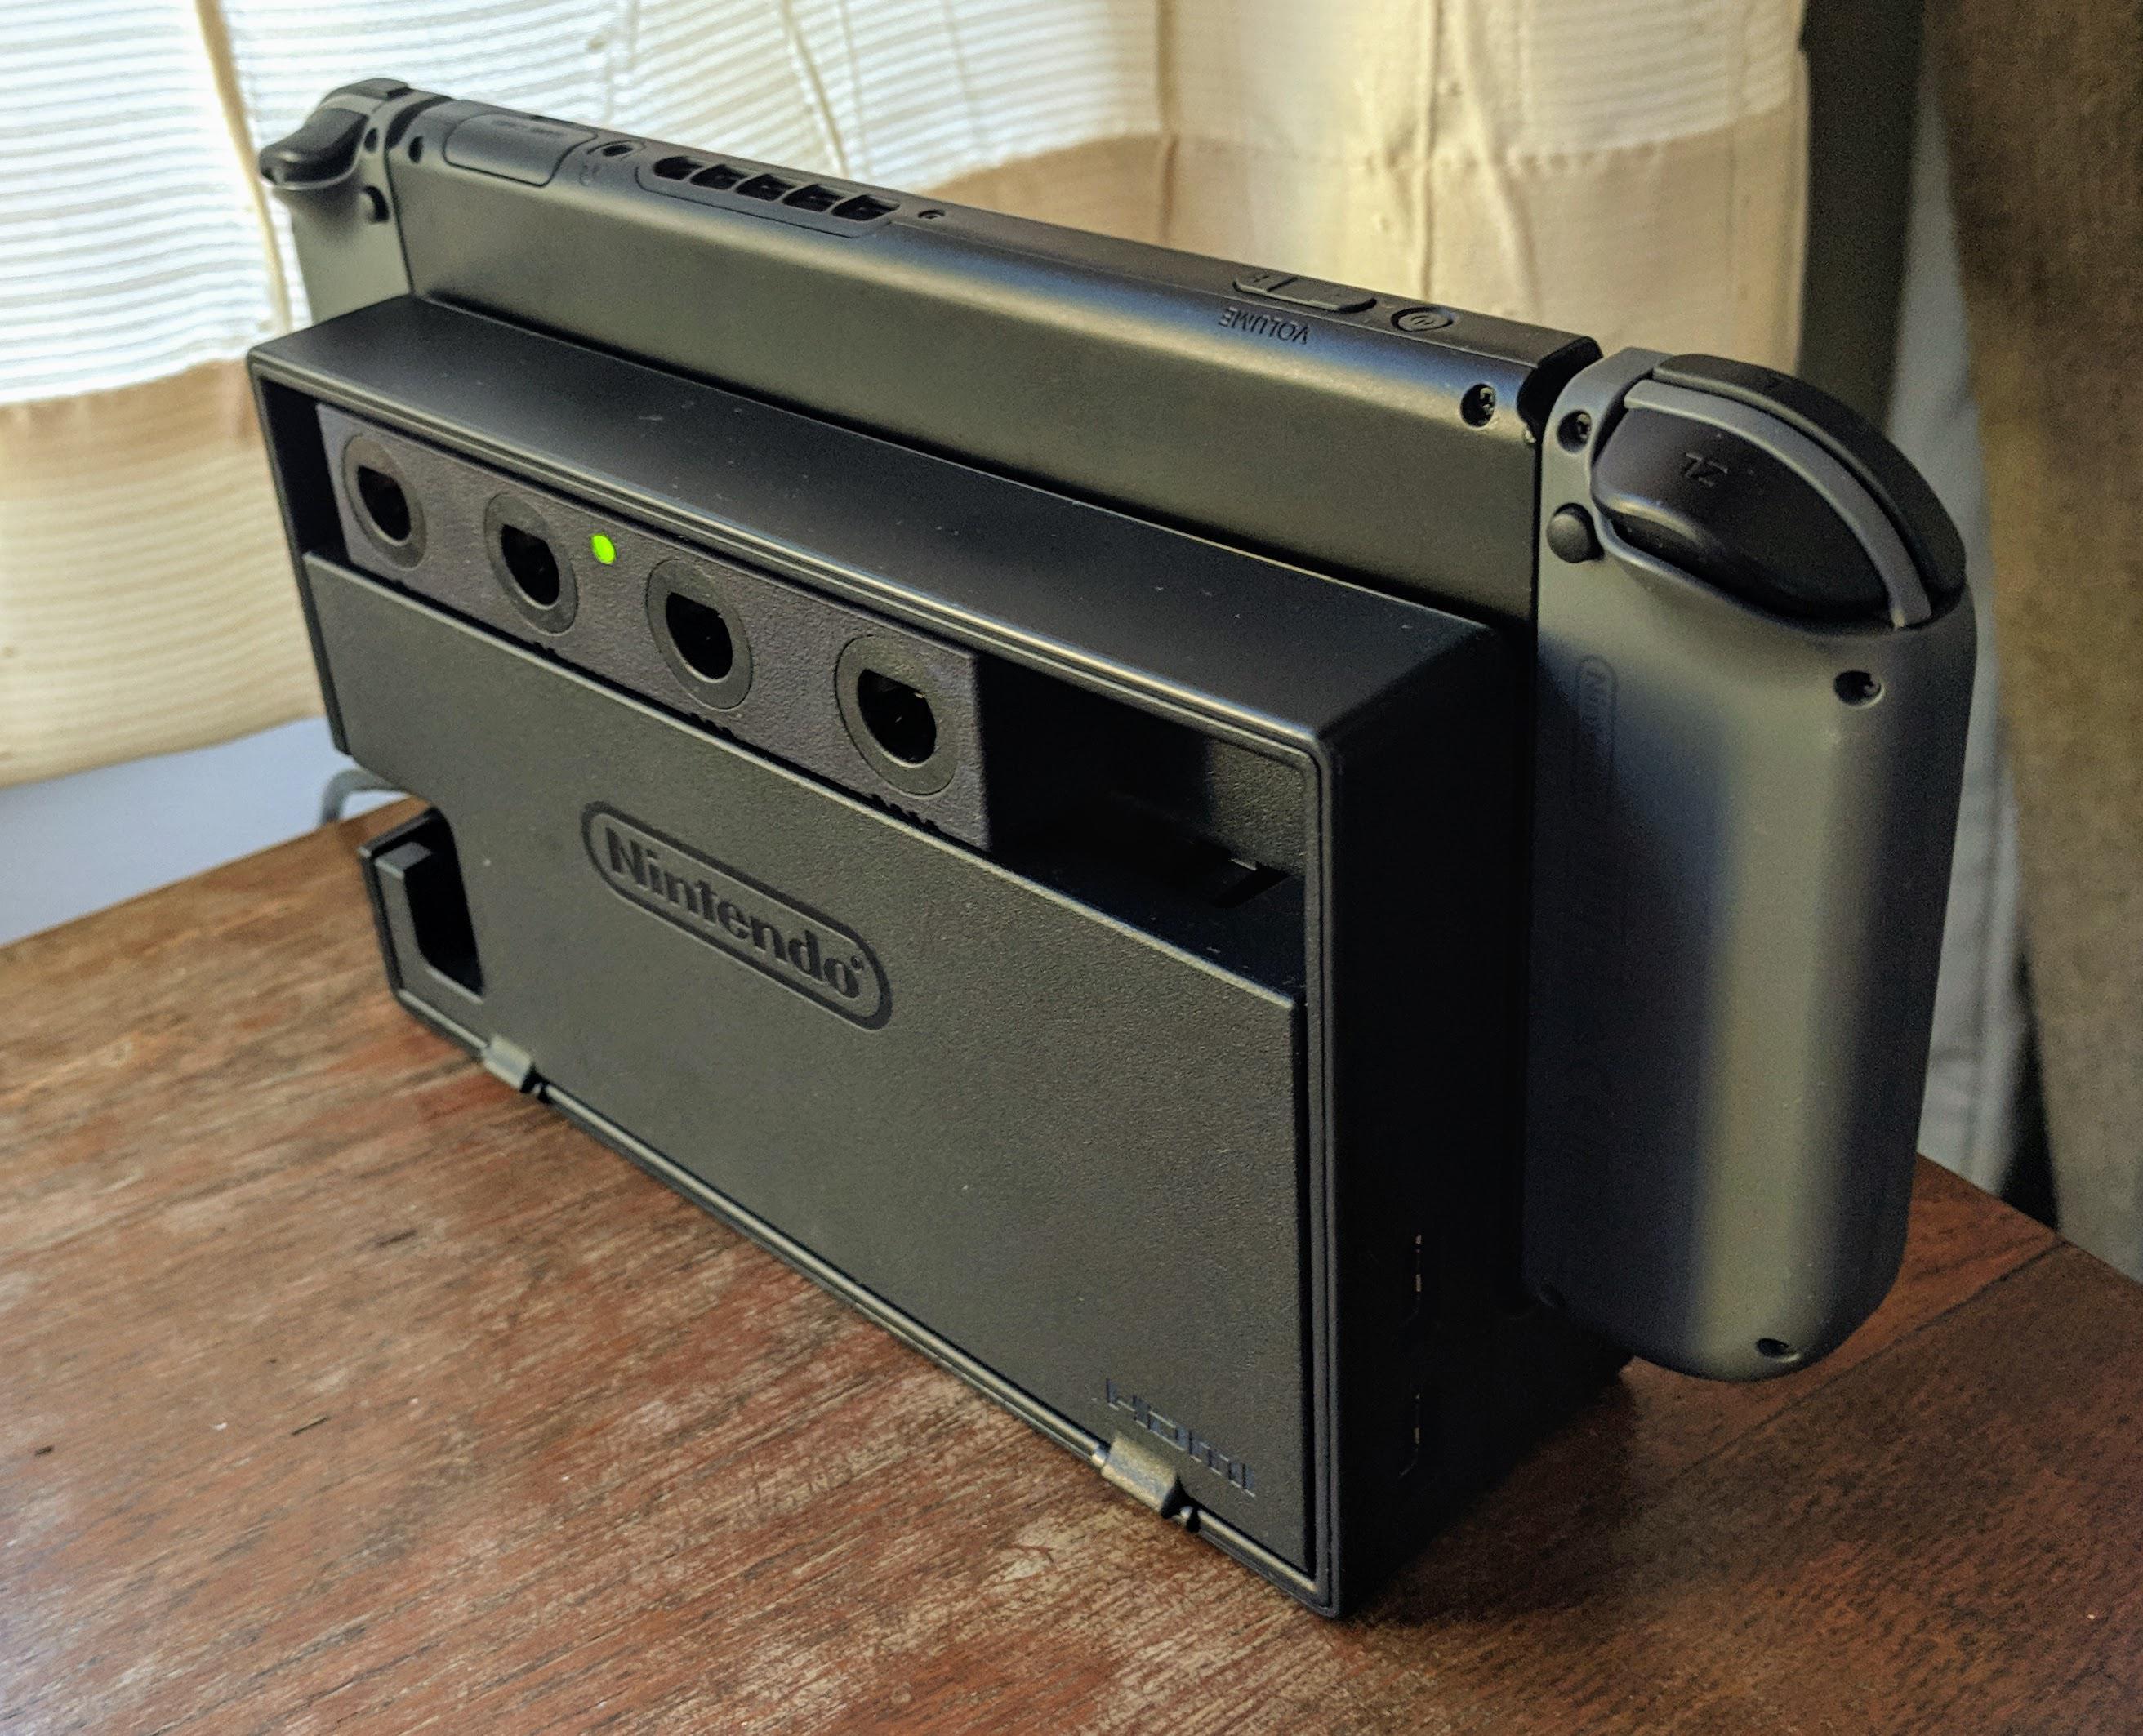 Switch Dock Mod добавляет встроенные порты контроллера GameCube